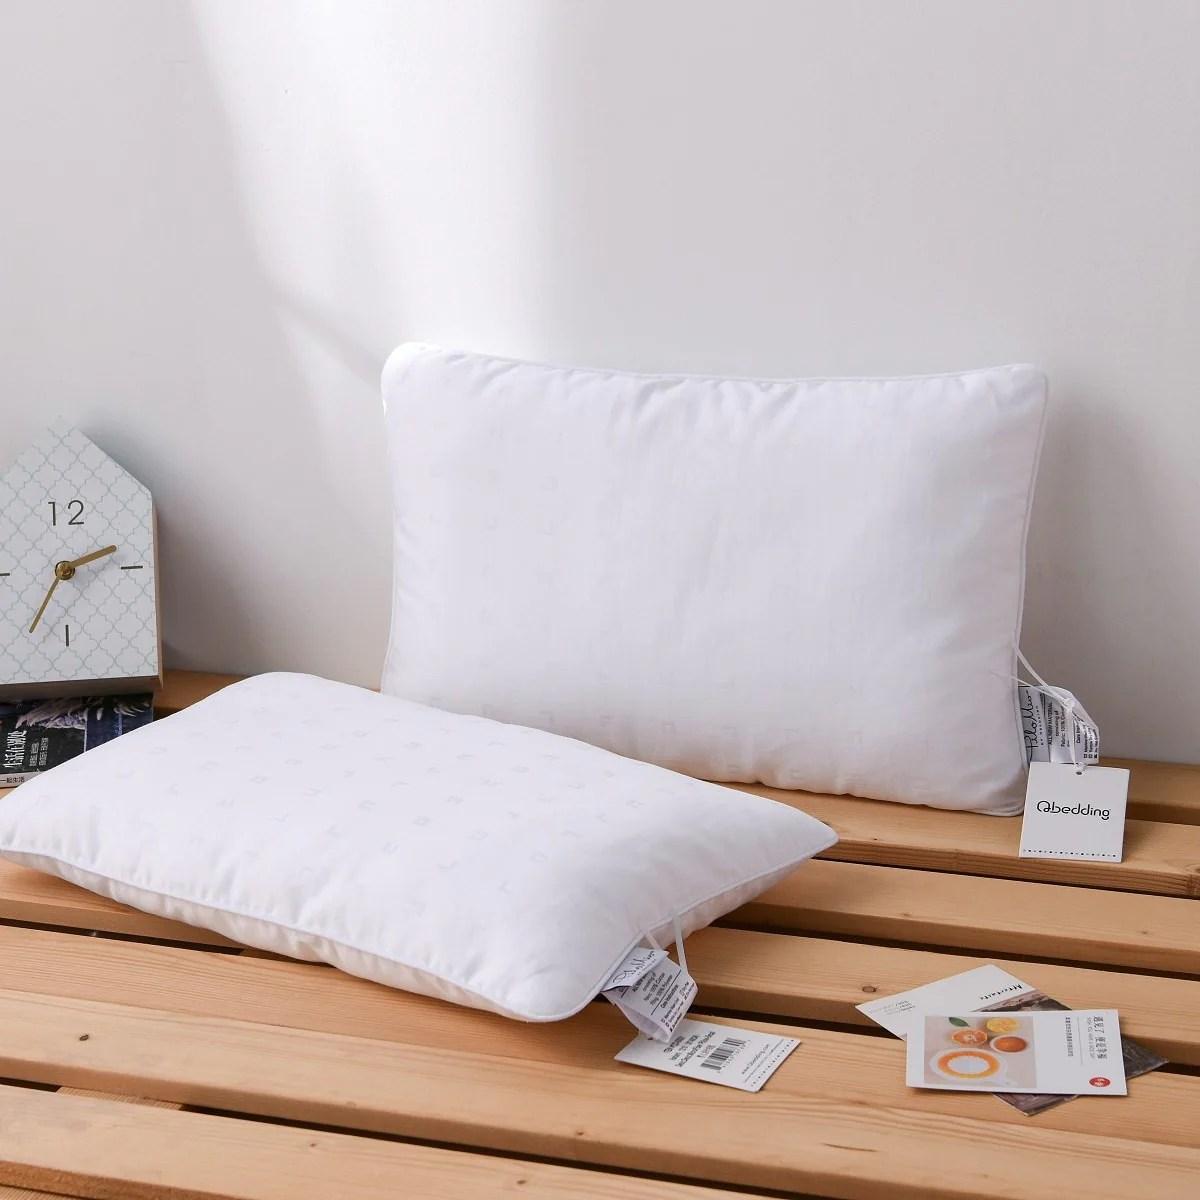 嬰兒羽絲絨枕芯 – Qbedding.com